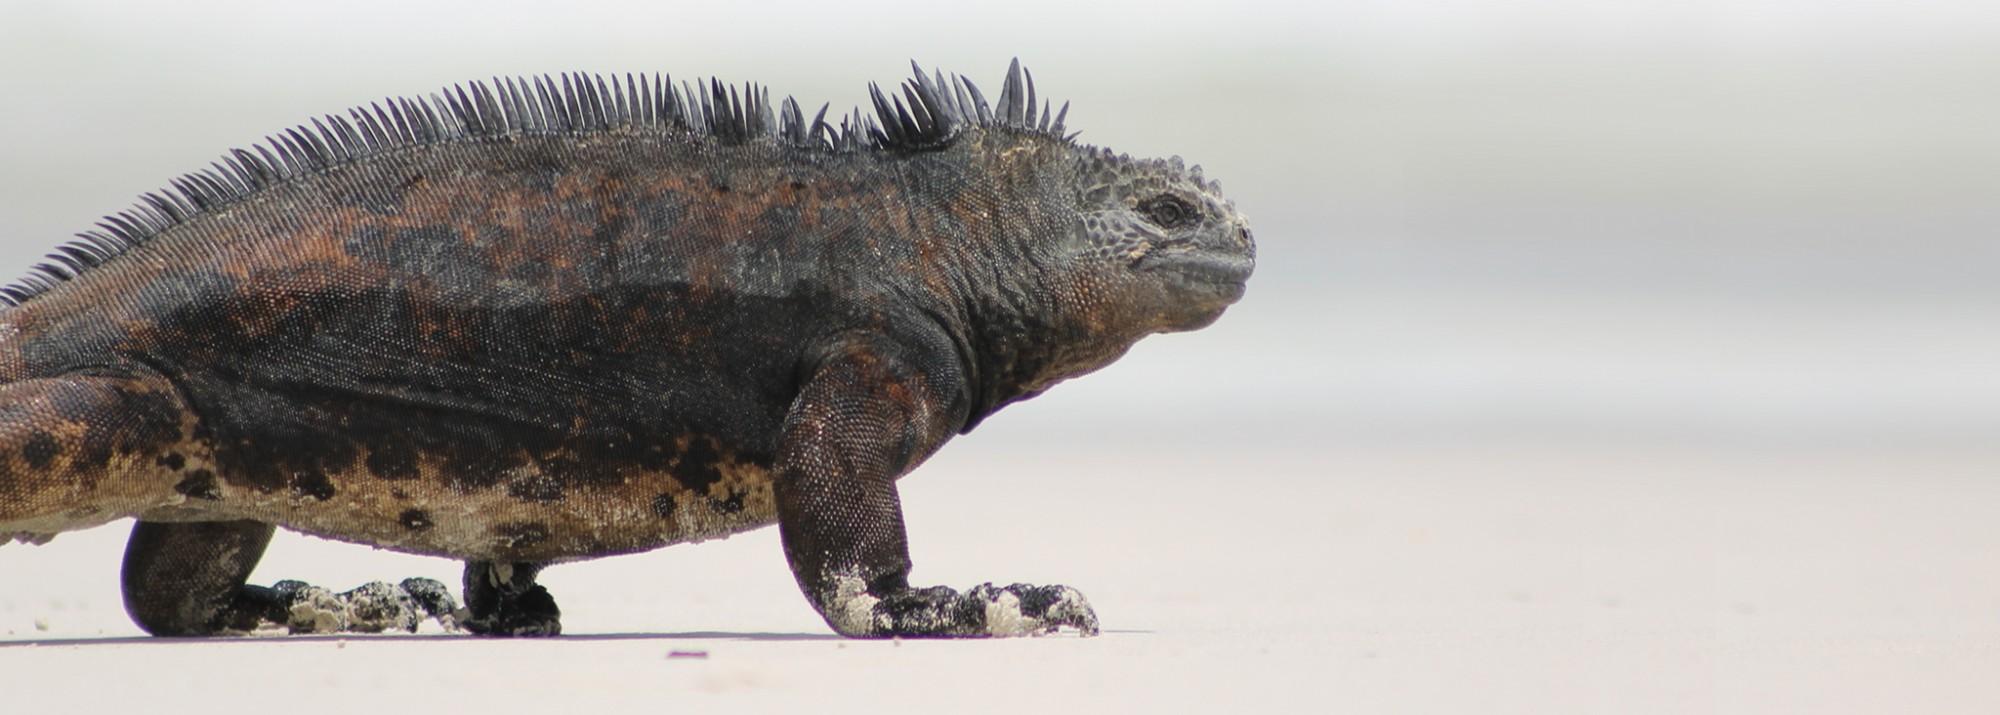 Galápagos, Isla San Cristobal, Tijeretas: Schwimmen mit einem Urzeit-Reptil, dem Marine Iguana